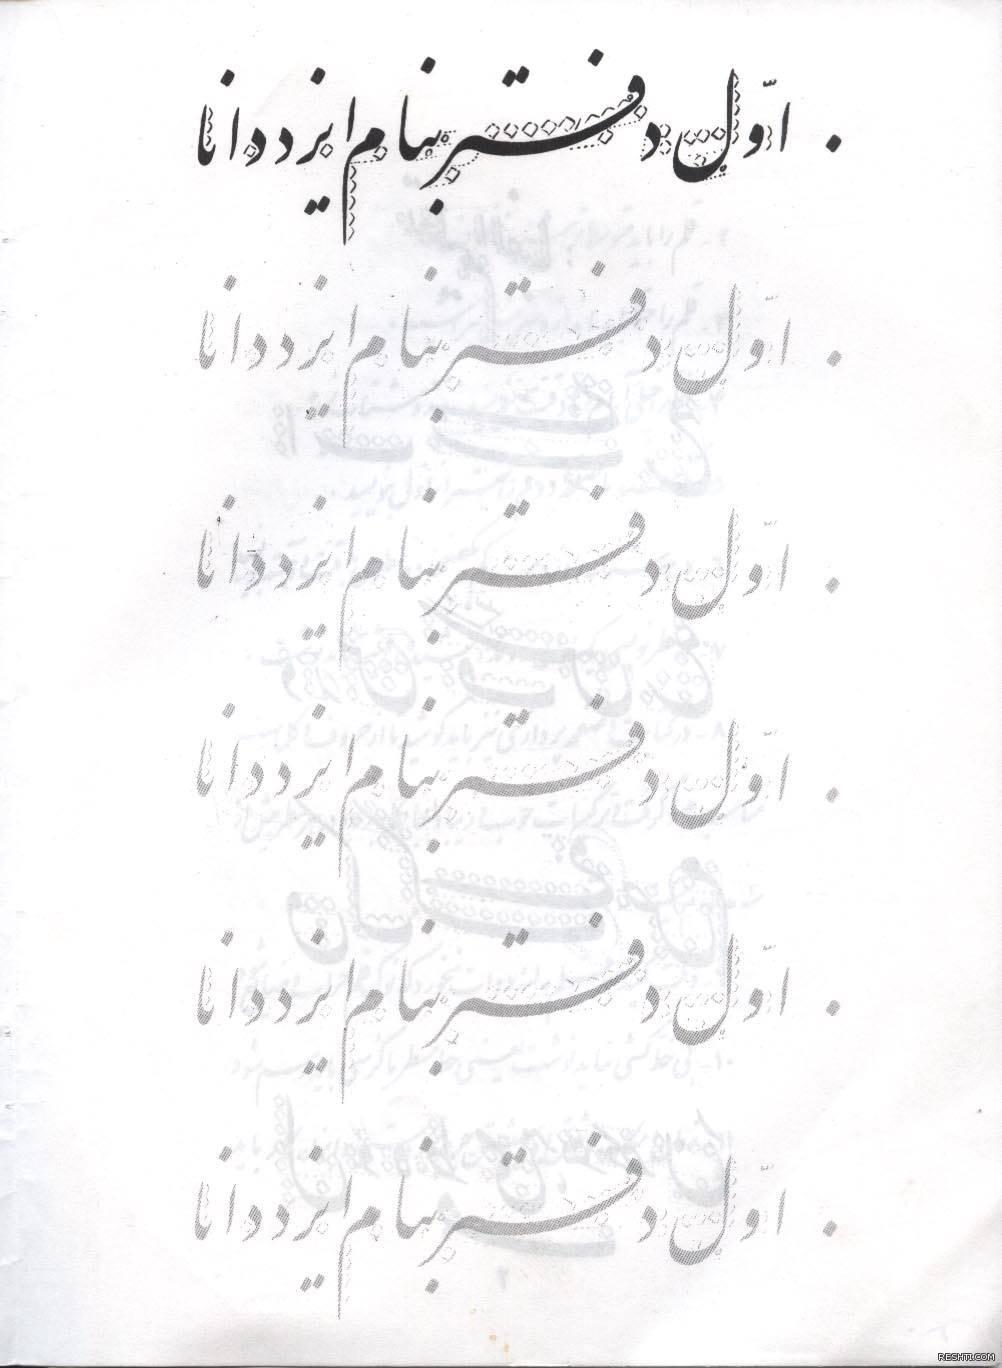 كراسة نستعليق رسم المشق حميد- علي راهجيري